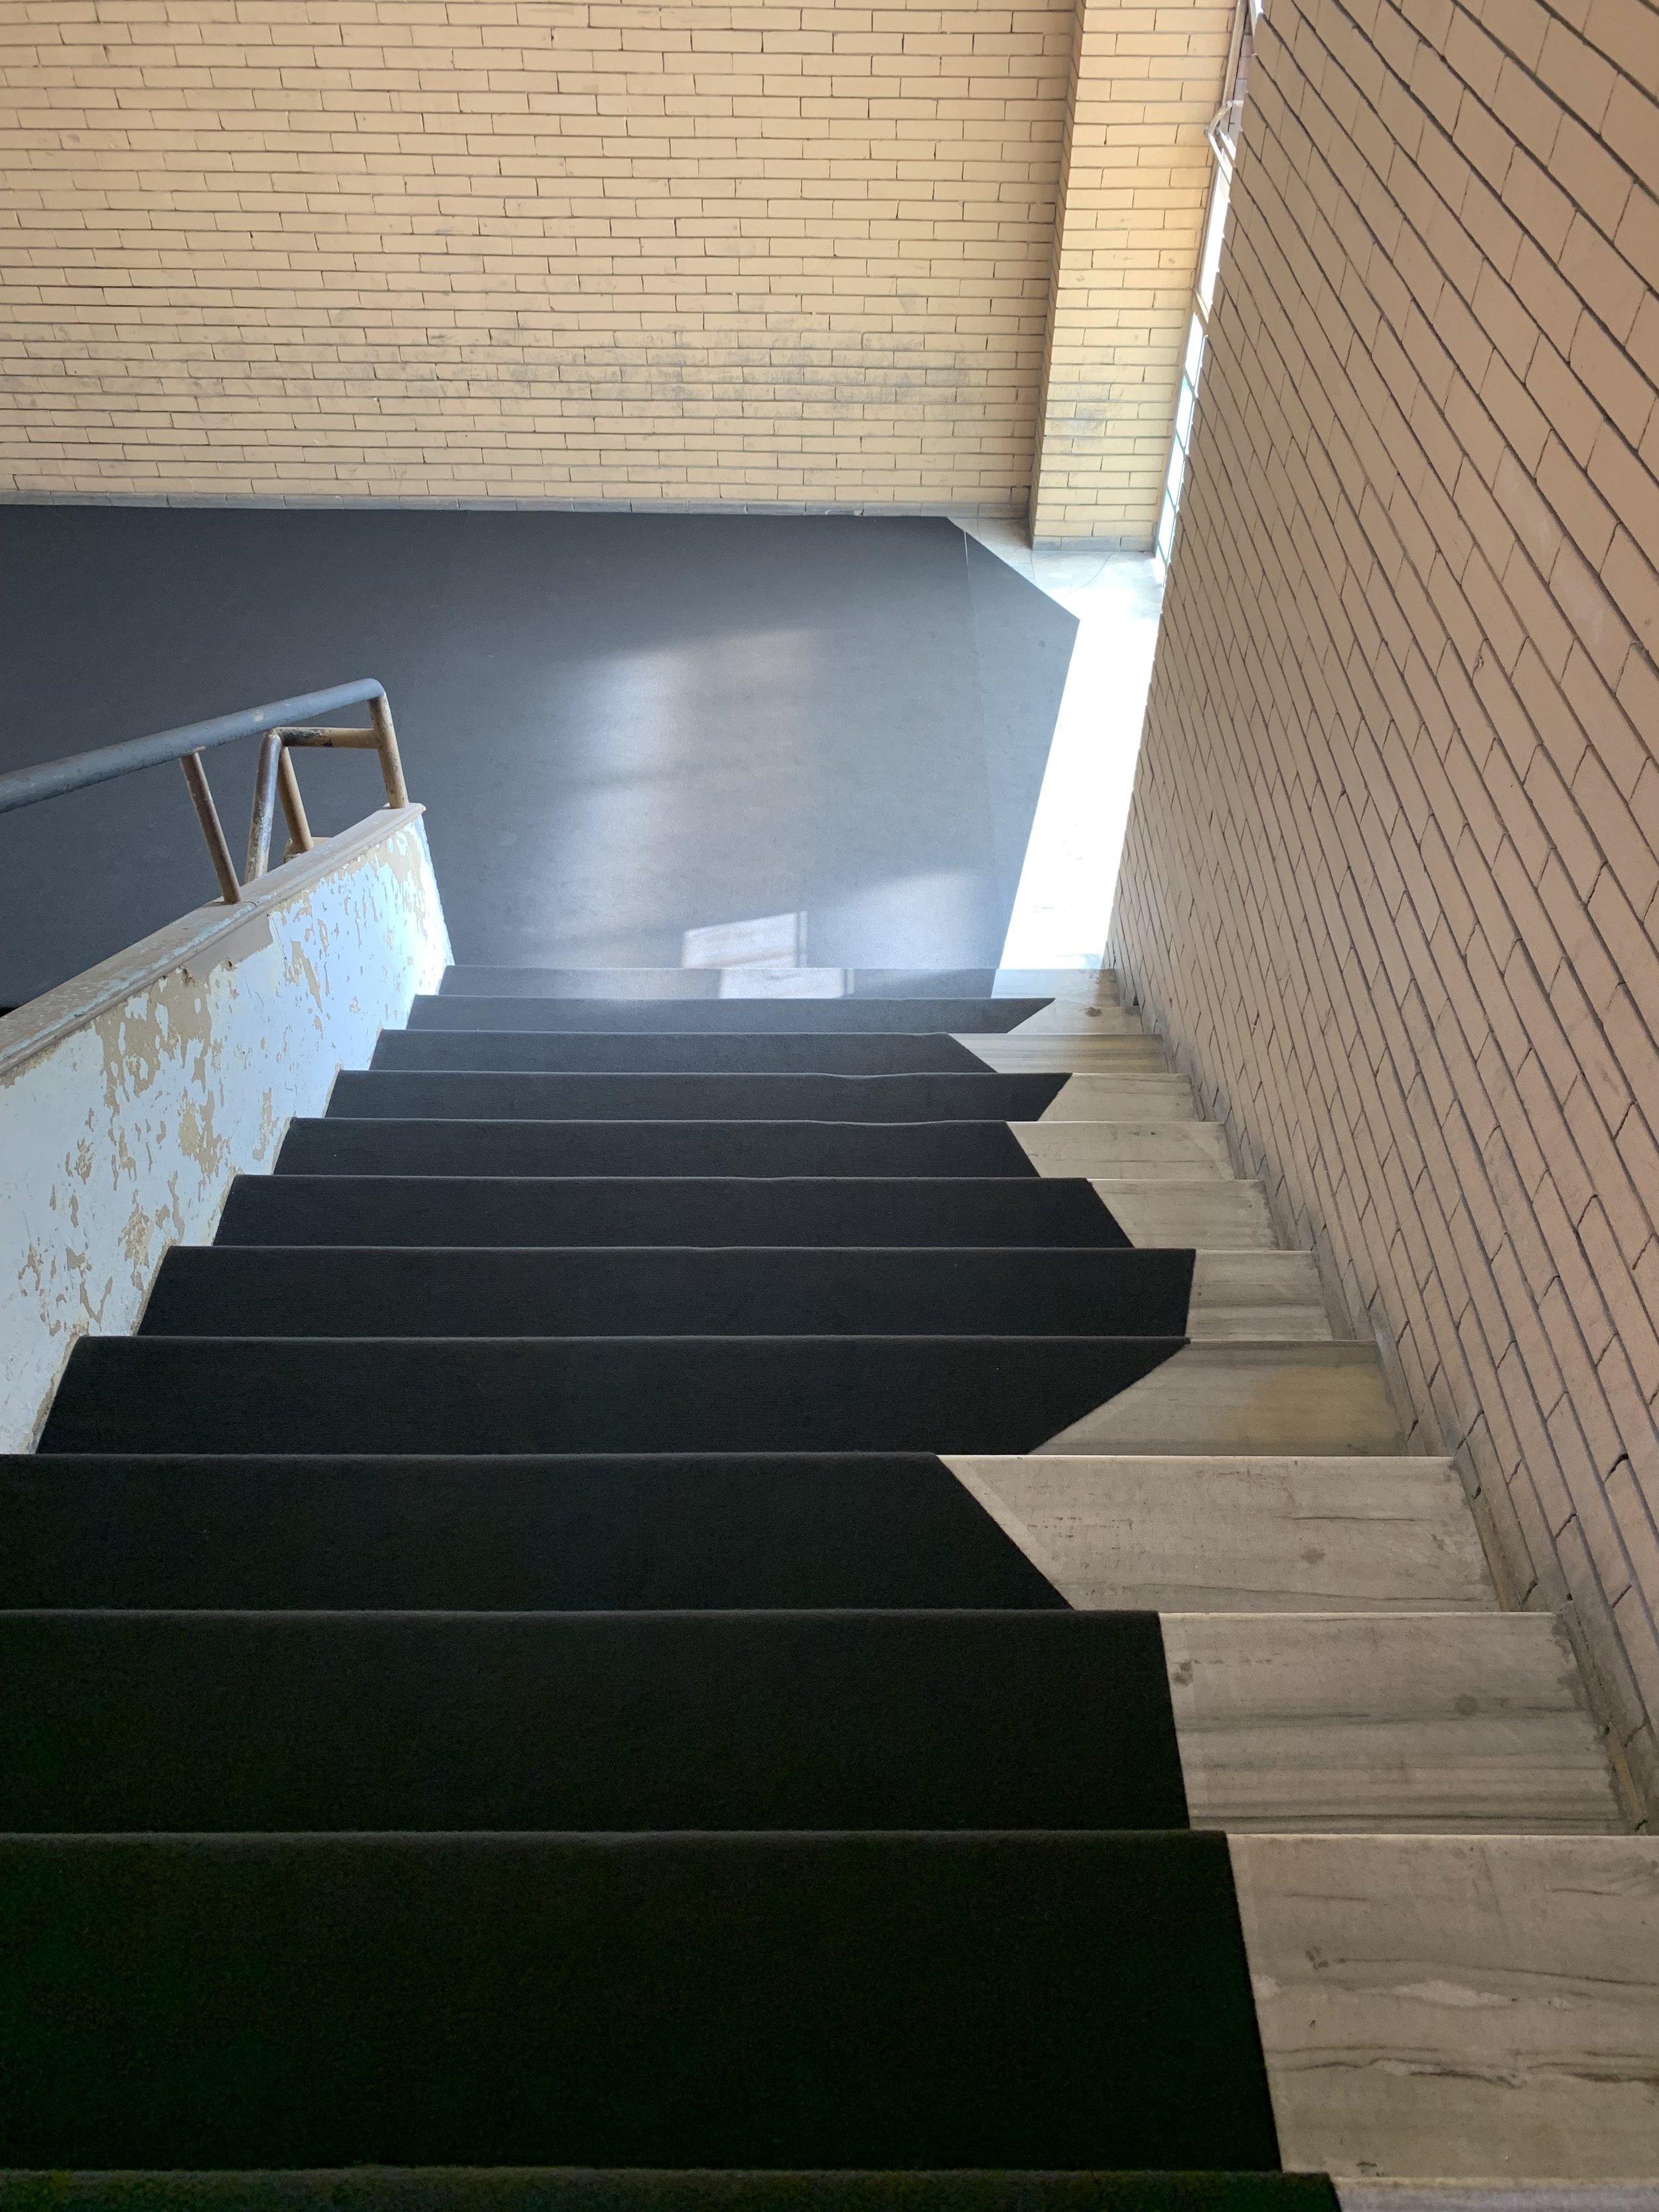 019 Salone del Mobile 2019 Lex de gooijer interiors rotterdam.JPG